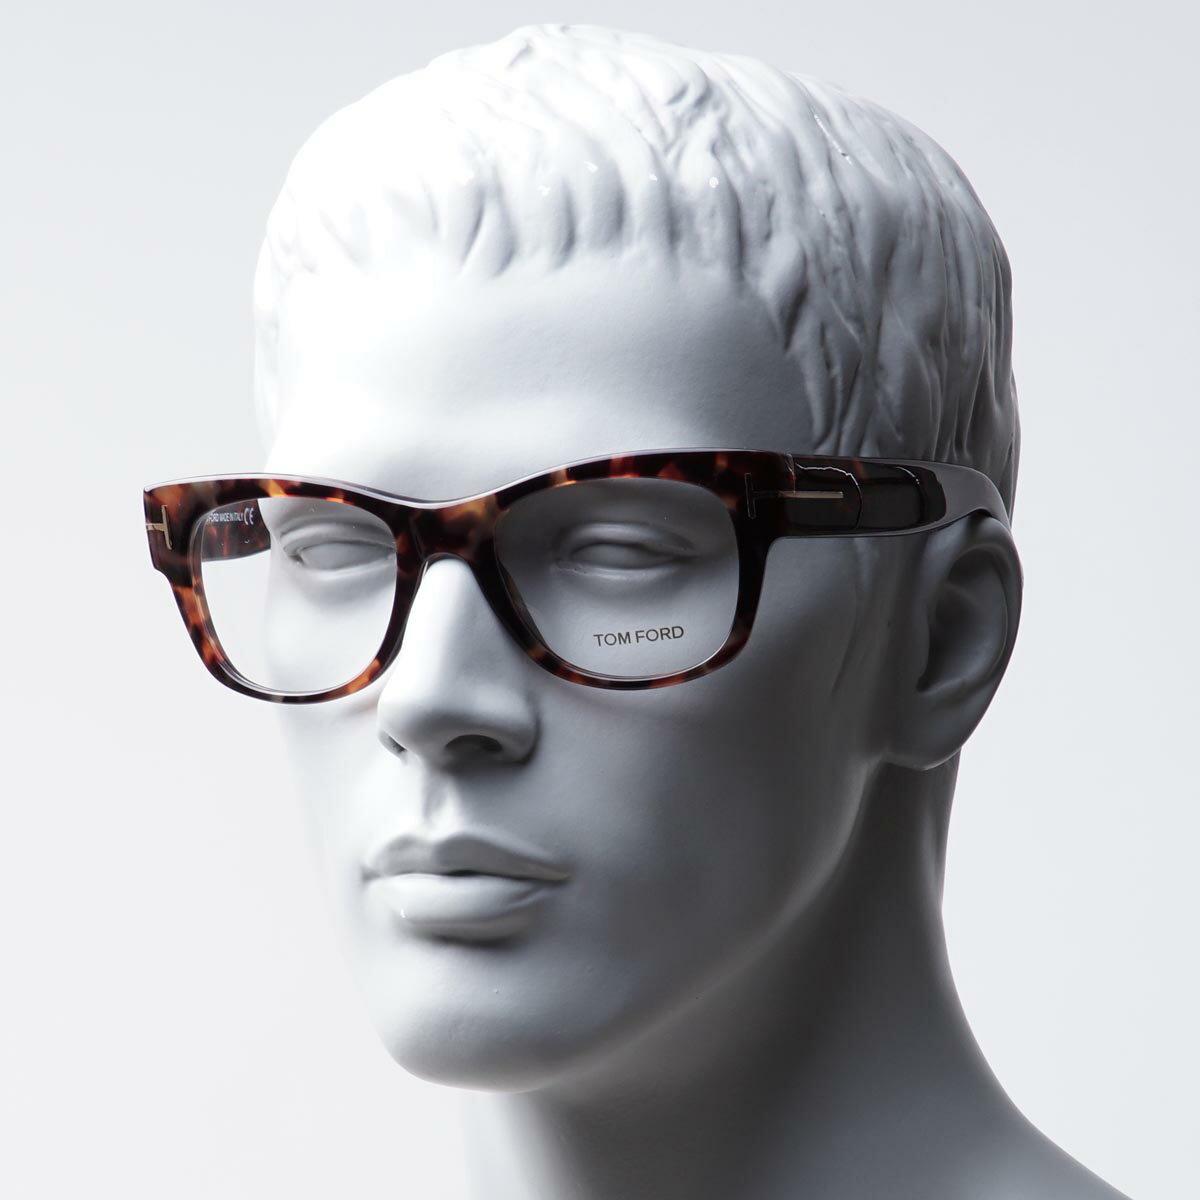 Tom Ford Ft 5040 Tom Ford Ft5040 0b5 Glasses Shiny Black